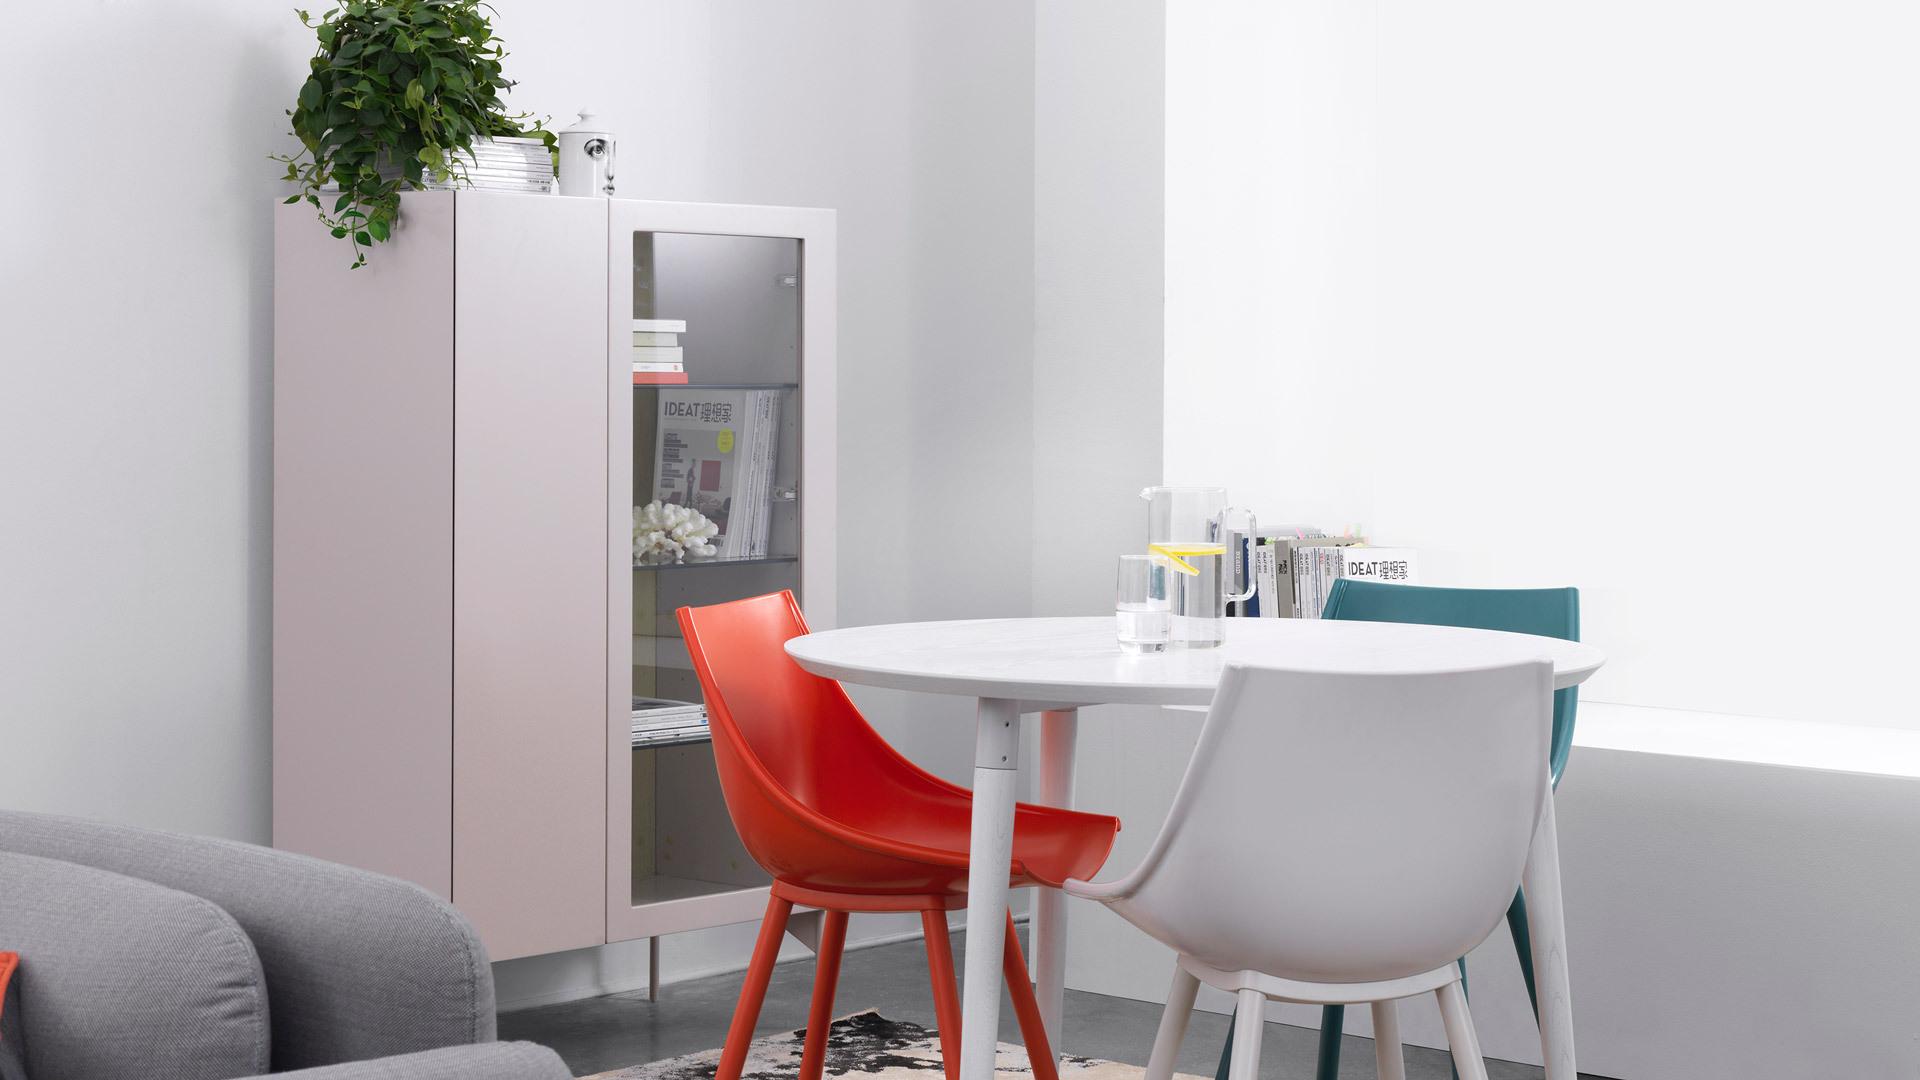 客厅与餐厅紧密相连的空间格局,玻璃门高柜能起到高挑的背景装饰作用,能兼顾收纳客厅与餐厅的一切杂物,是多重紧凑空间的优雅过渡。